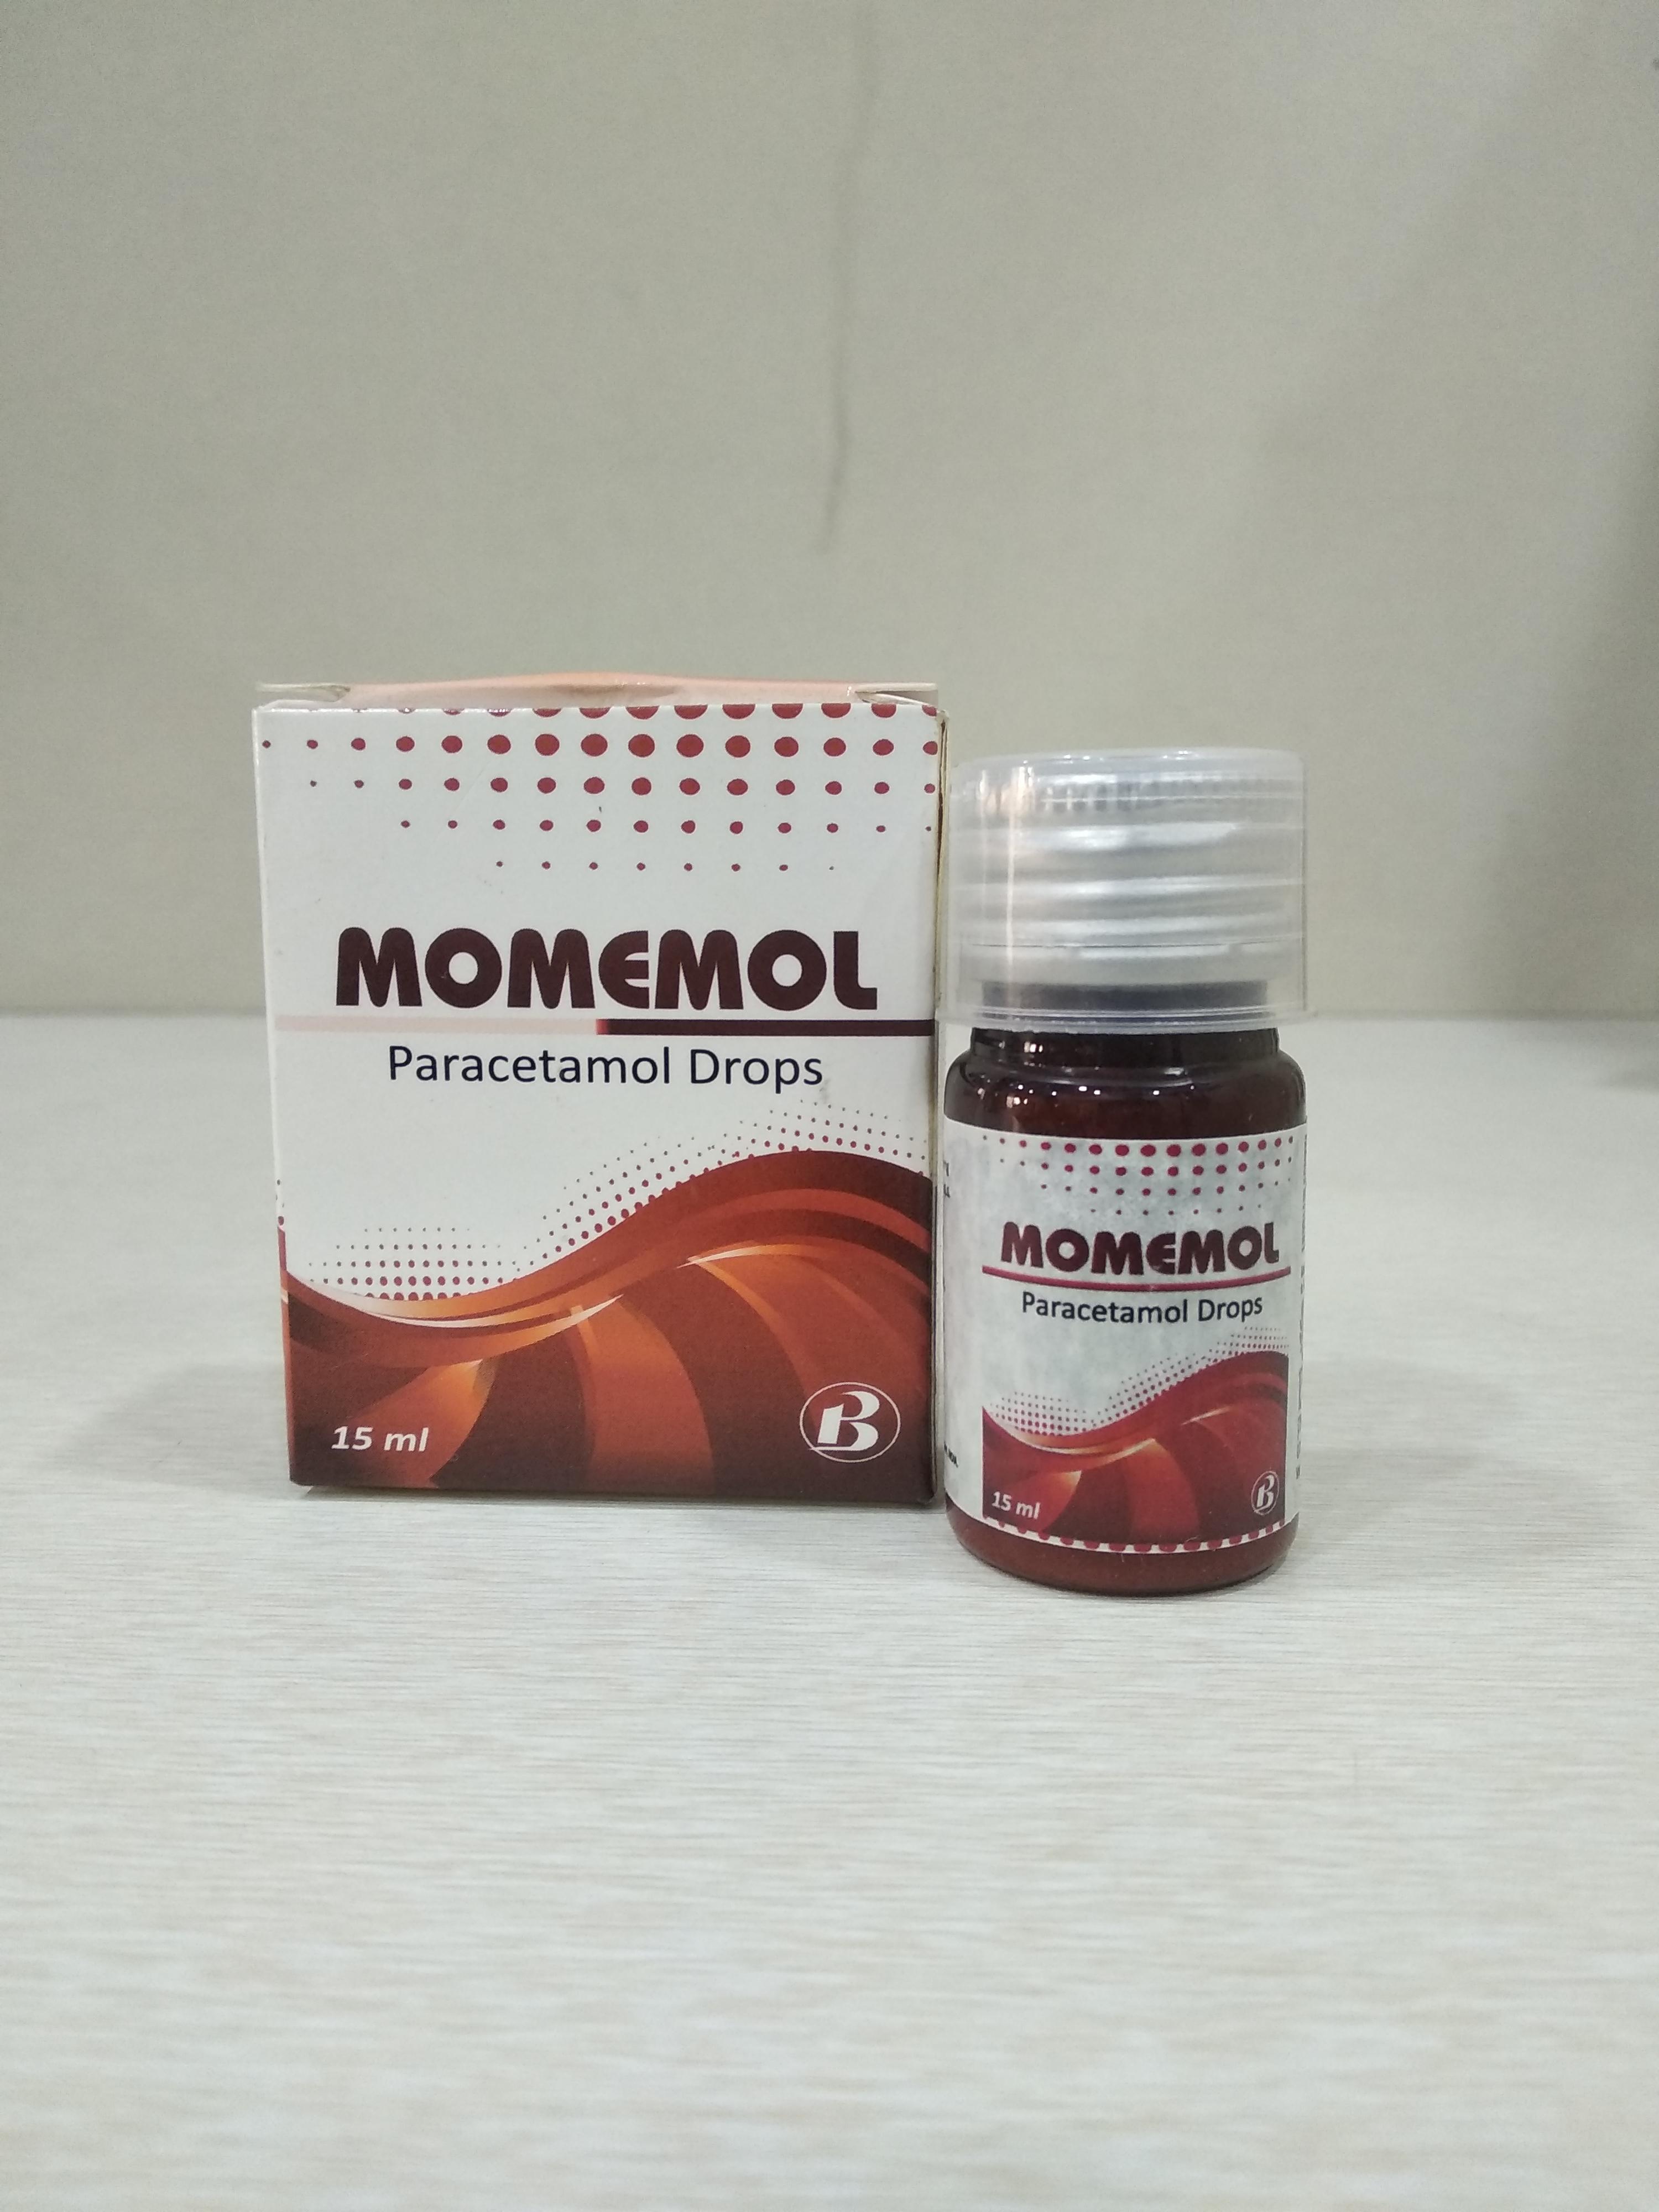 Paracetamol Drops